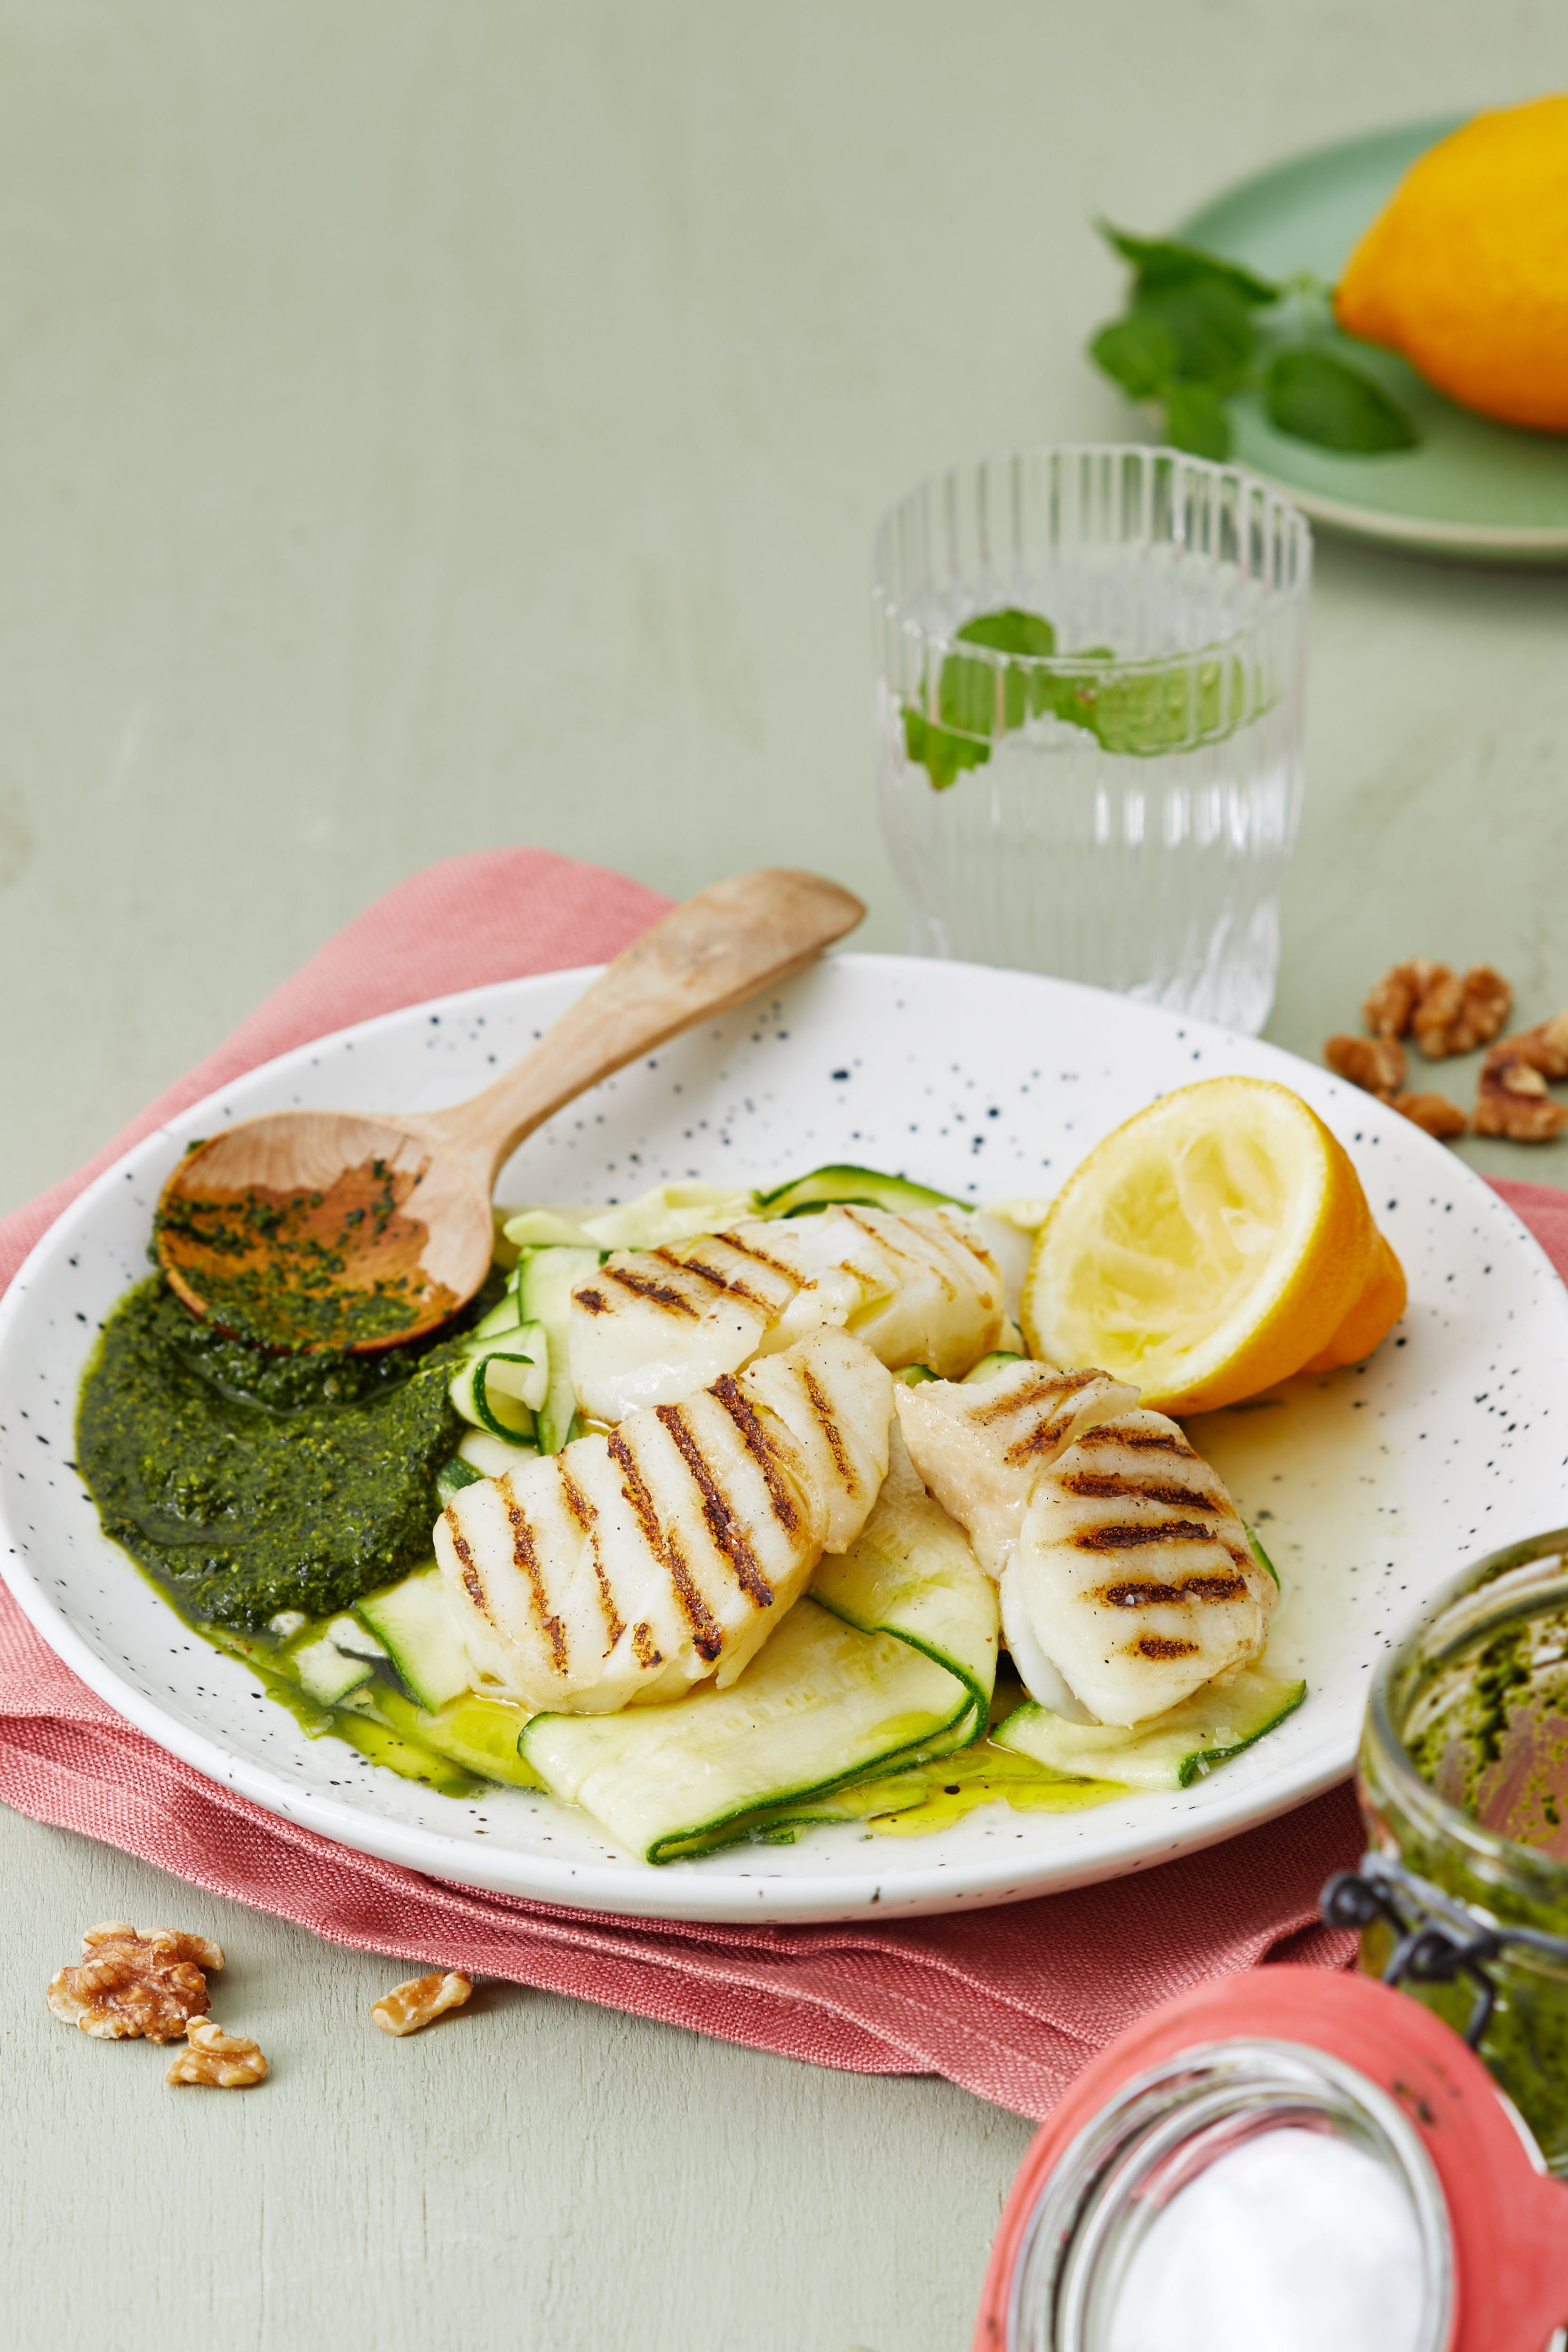 Grillad fisk med hyvlad zucchini och kålpesto